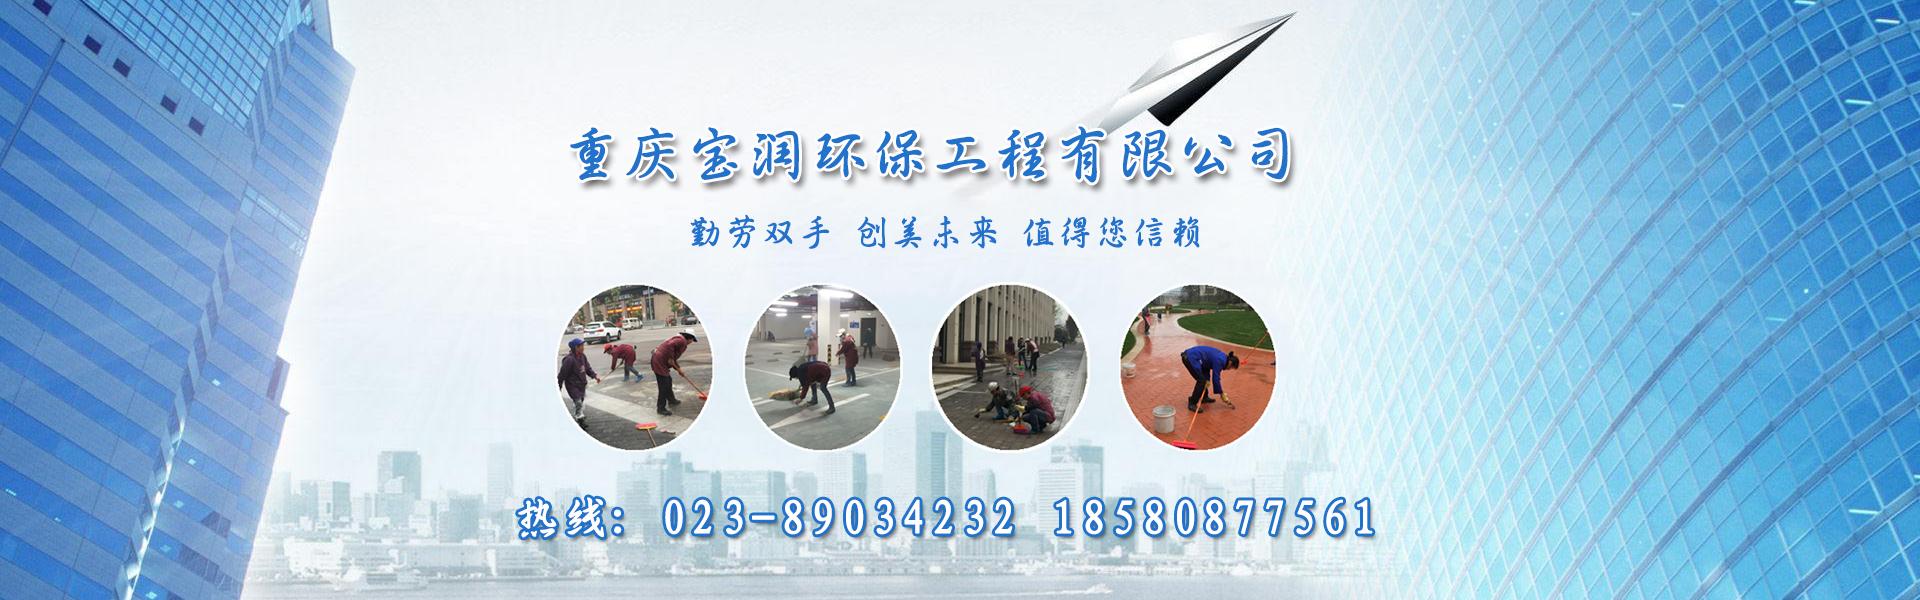 重庆外墙清洗宝润环保工作勤劳双手,创美未来,值得您的信赖